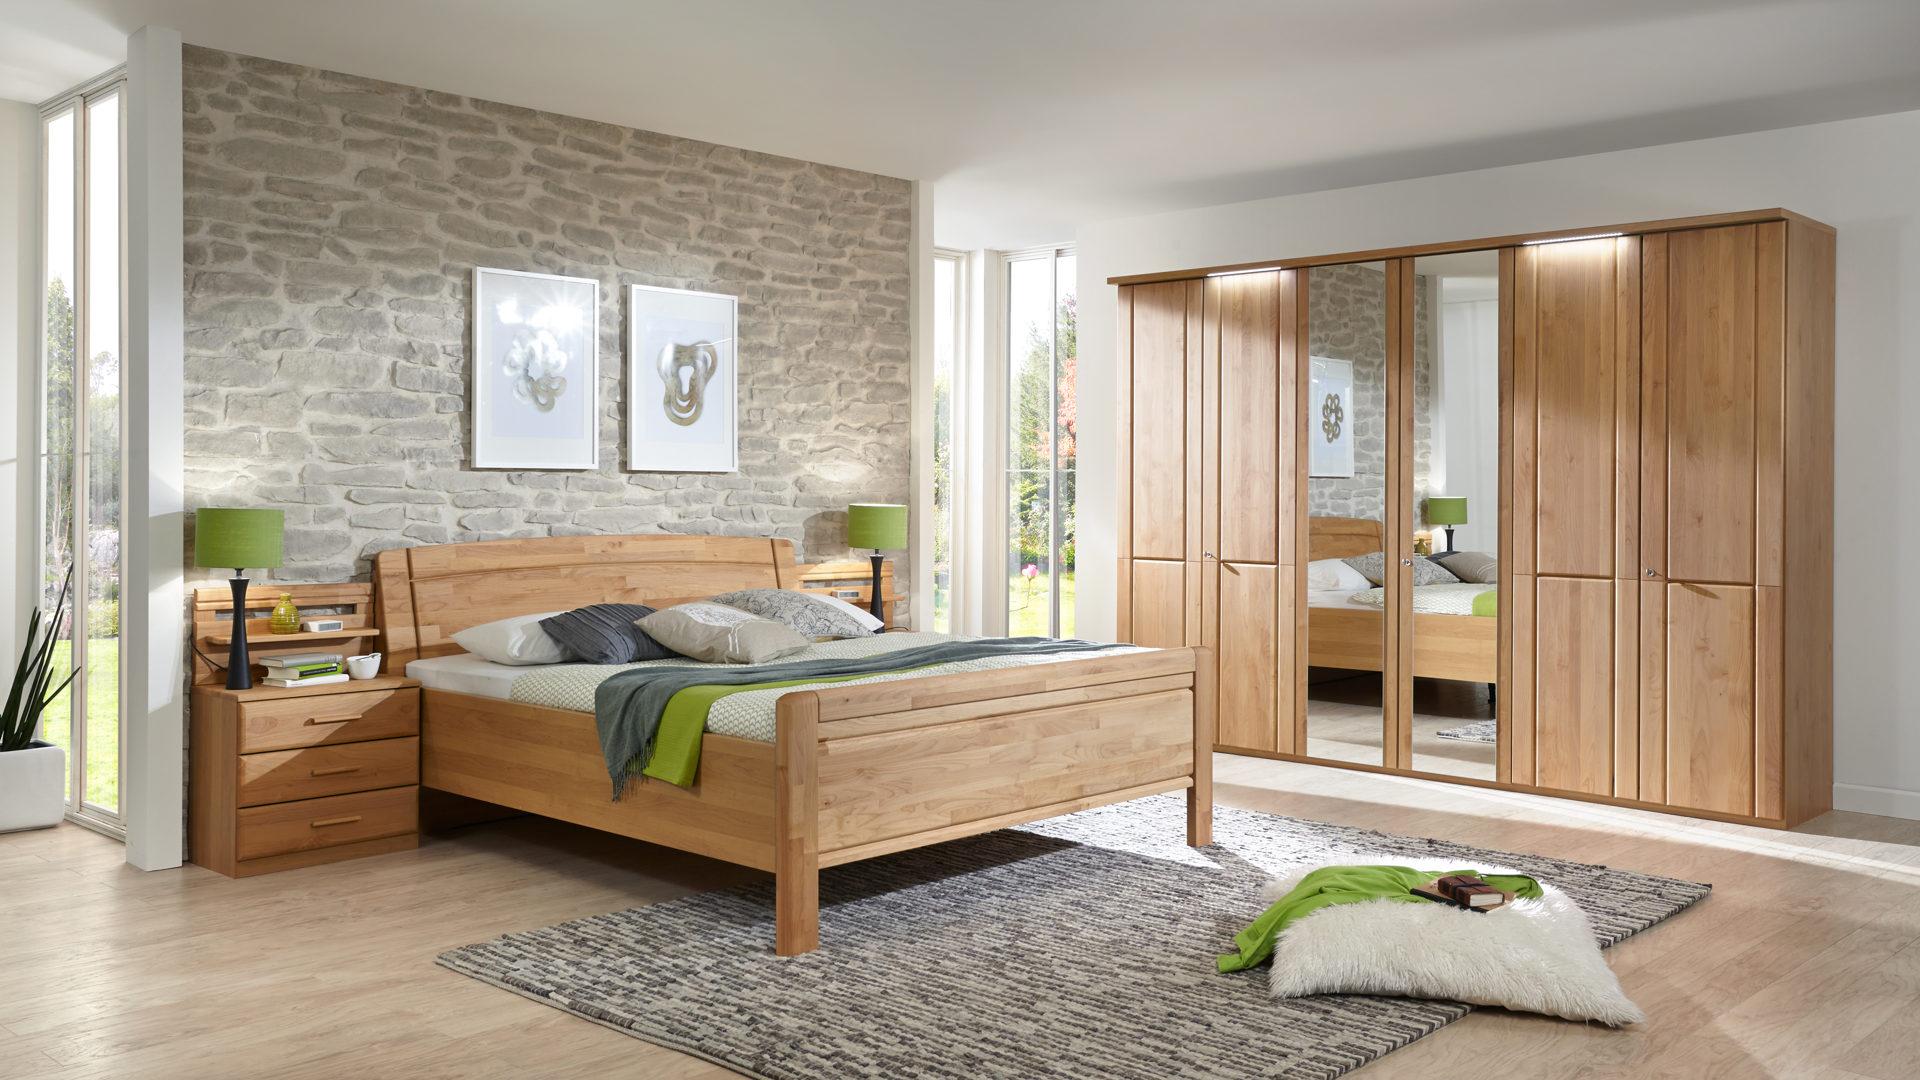 Möbel Eilers Apen, Räume, Schlafzimmer, Komplettzimmer, PARTNERRING ...